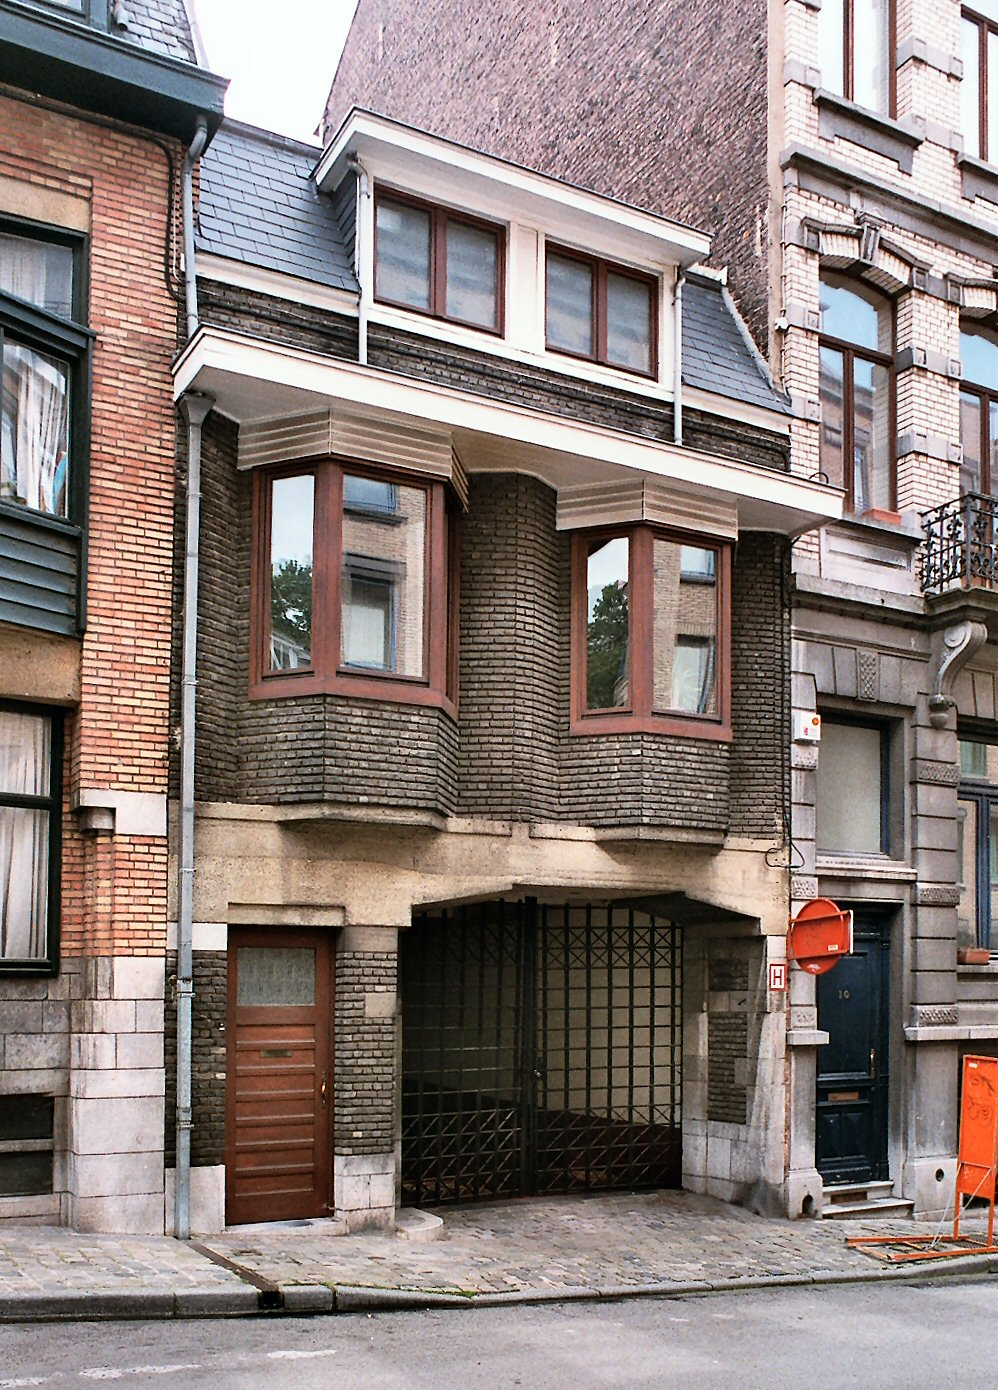 Rue Paul Spaak 8., 2009